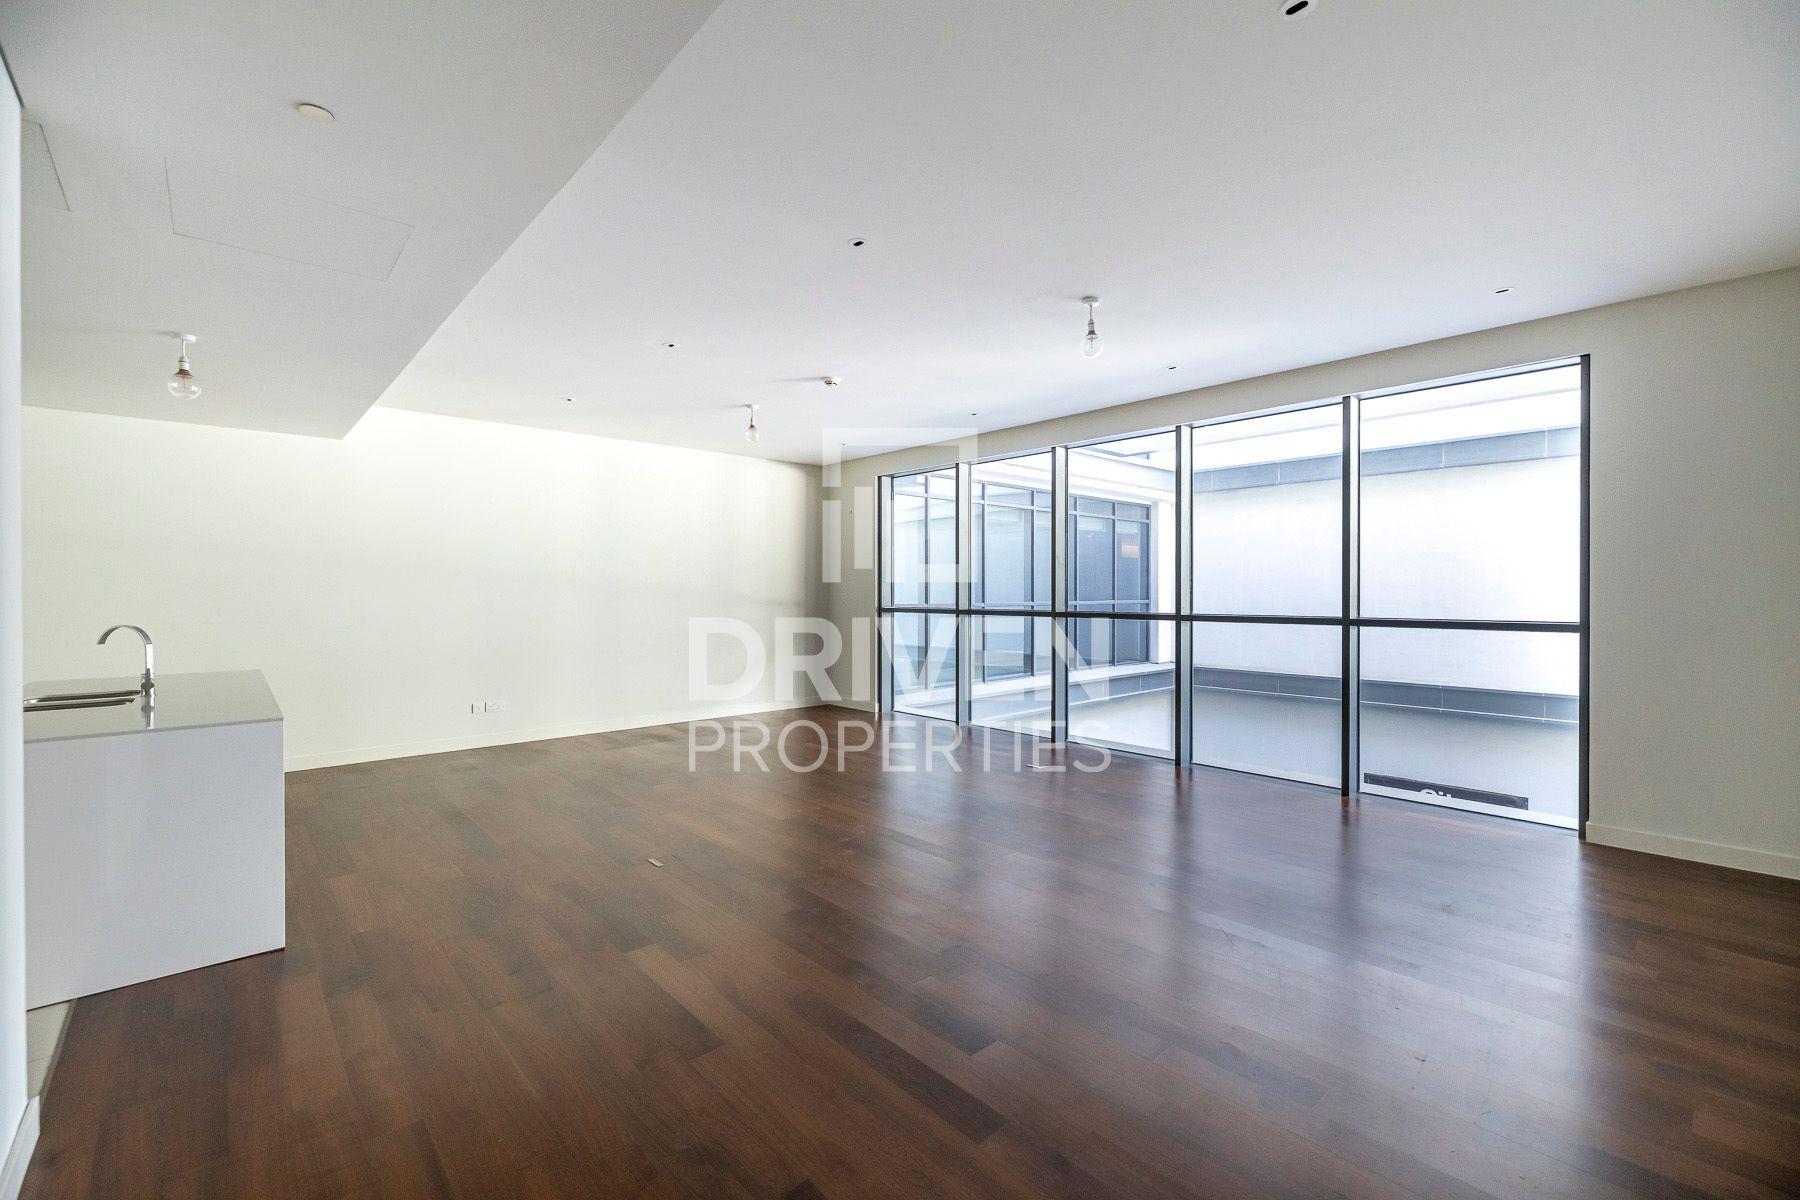 1,109 قدم مربع  شقة - للايجار - سيتي ووك